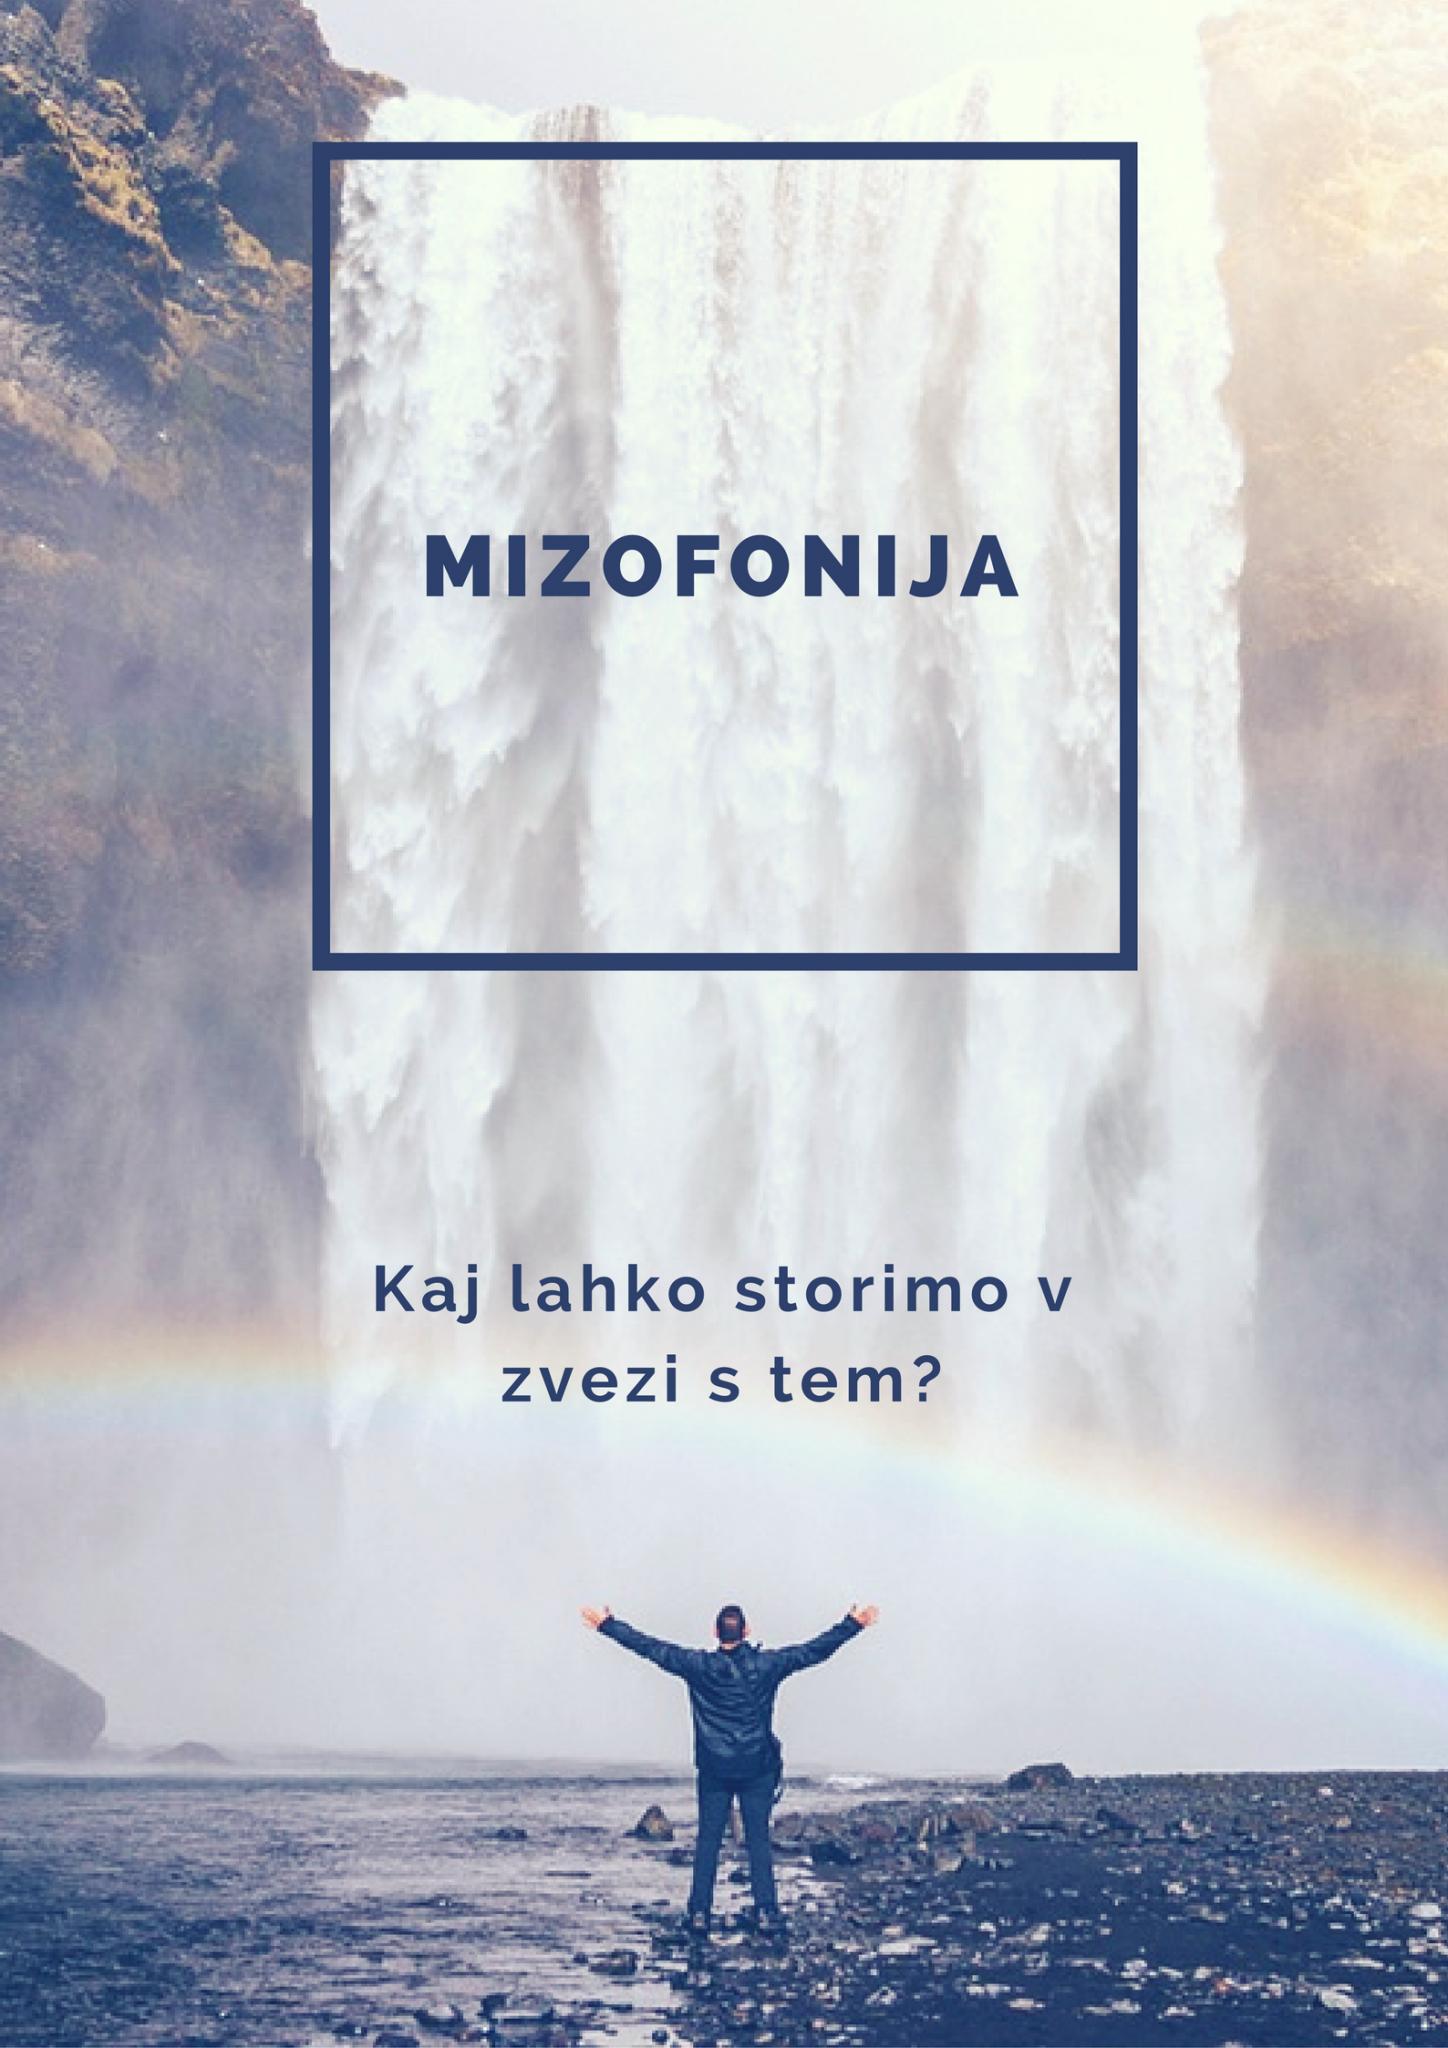 Mizofonija.